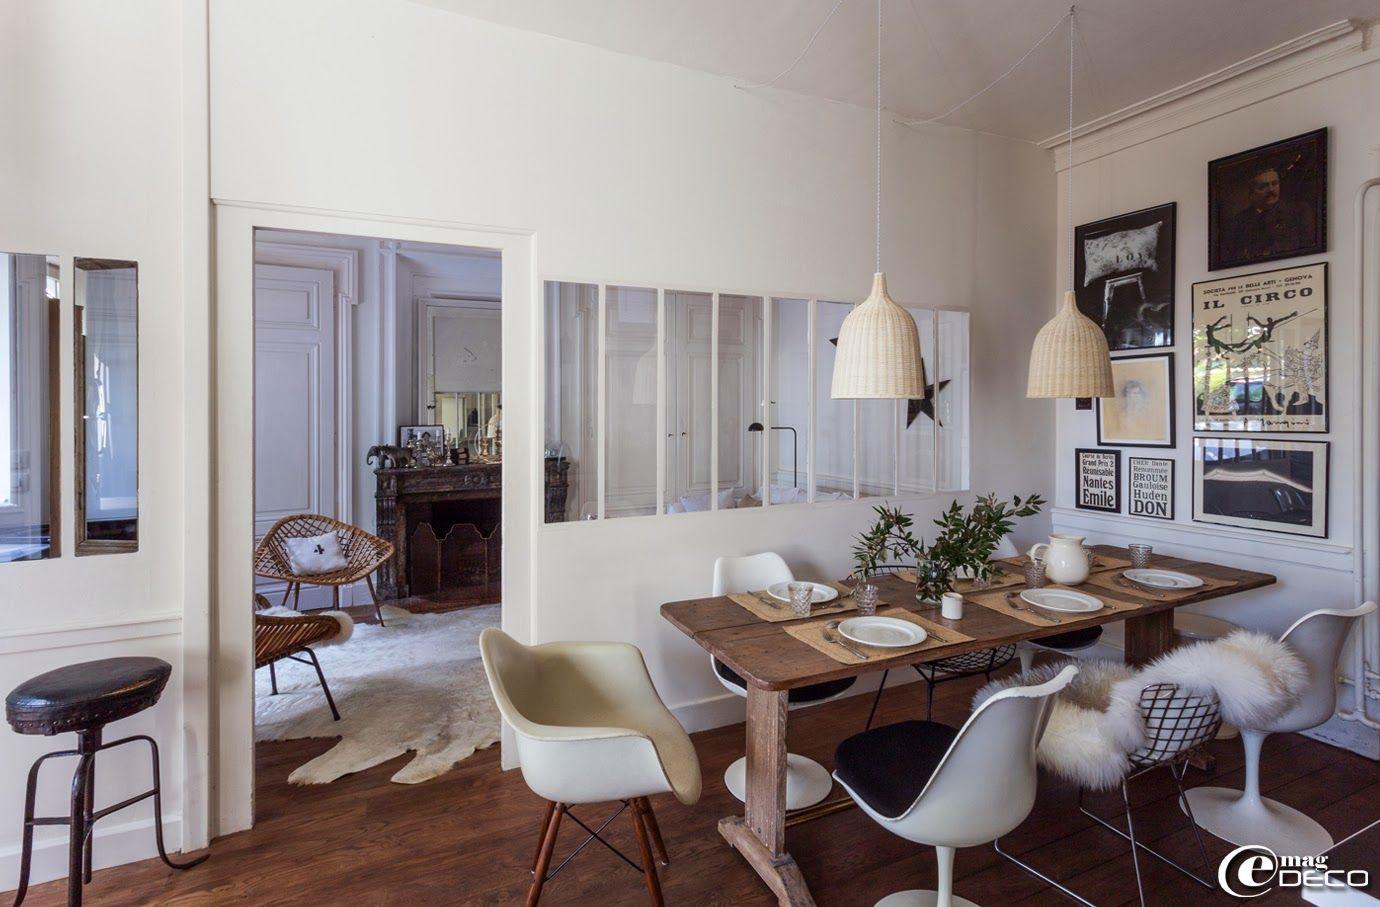 Table De Bistro En Bois Chaises Harry Bertoia Avec Une Peau De - Ikea table salle a manger pour idees de deco de cuisine